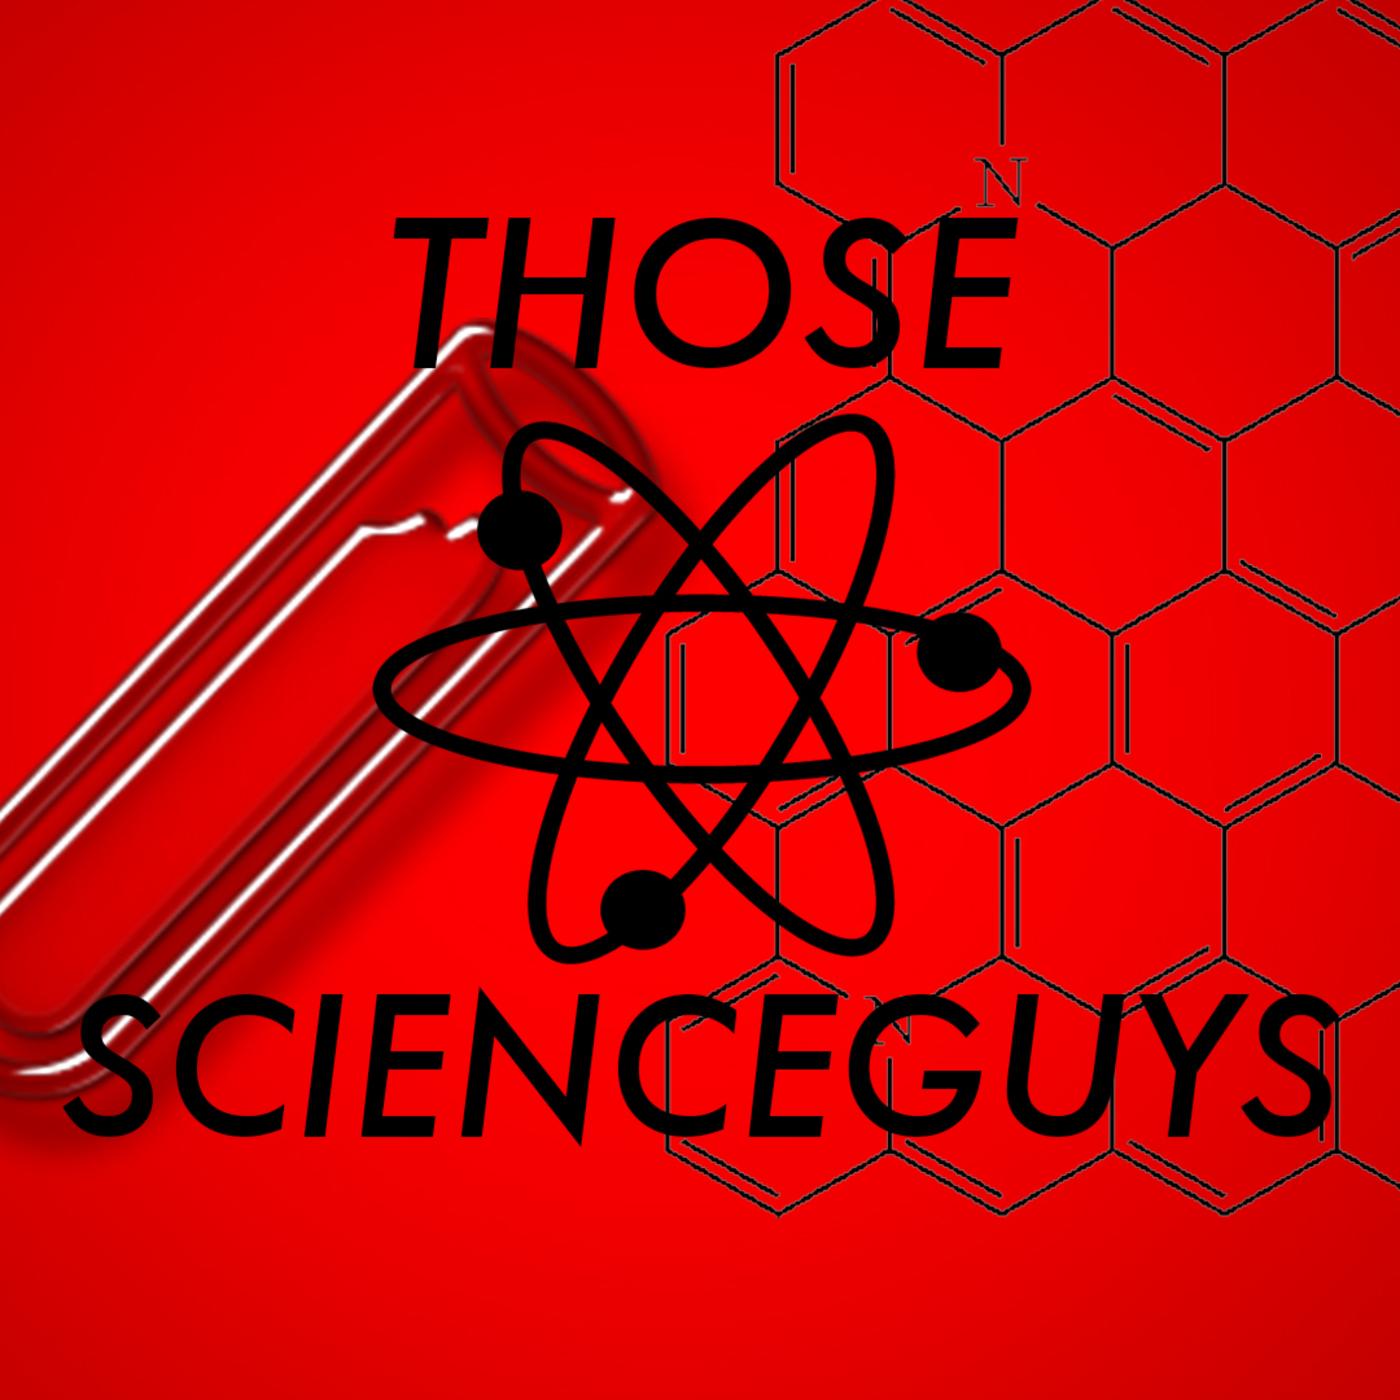 Those Science Guys